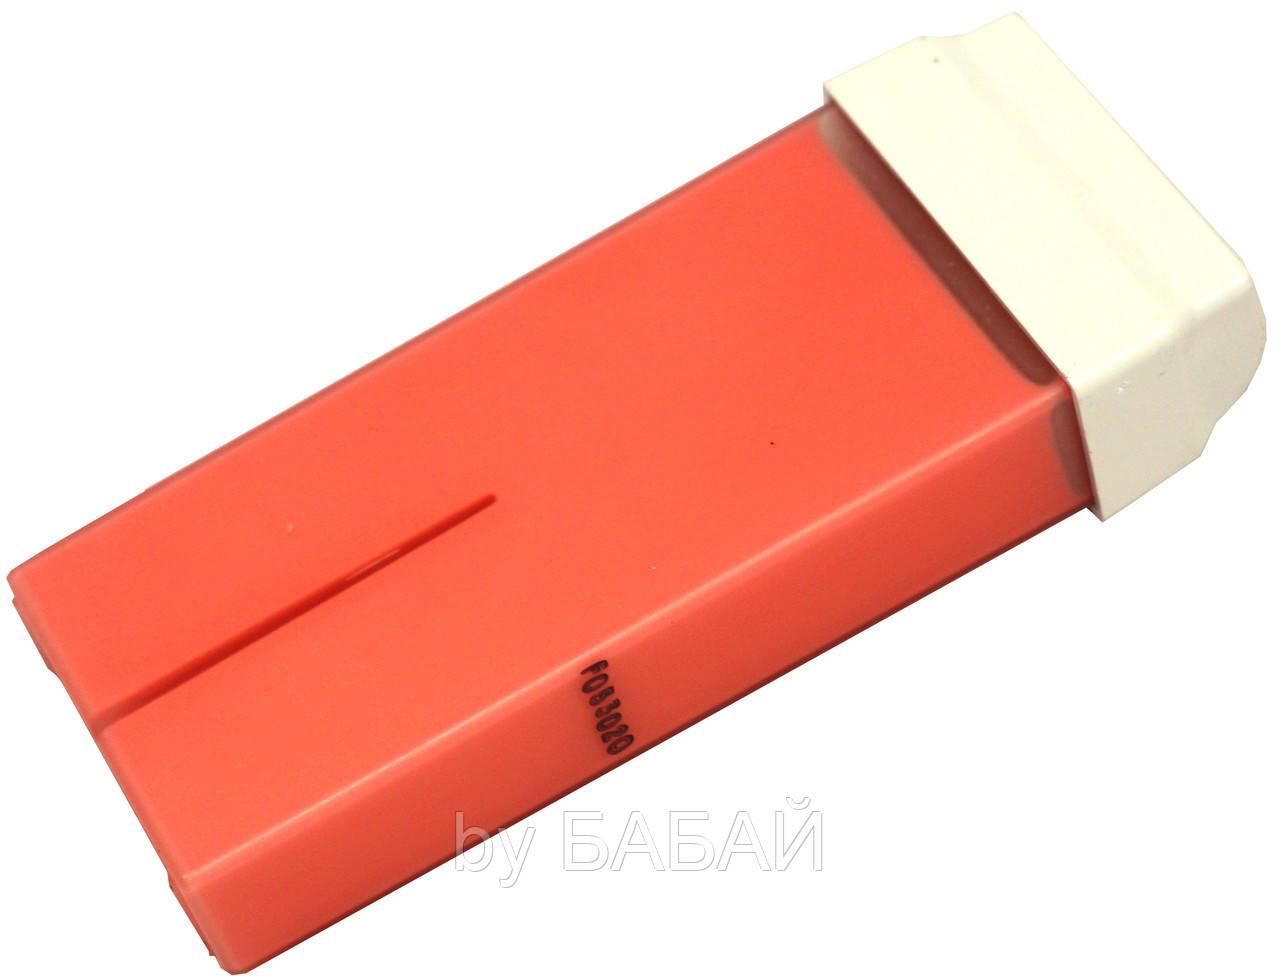 Воск для депиляции в кассетах Италия (100ml) с оксидом Титана - «Бай БАБАЙ» интернет-магазин в Харькове